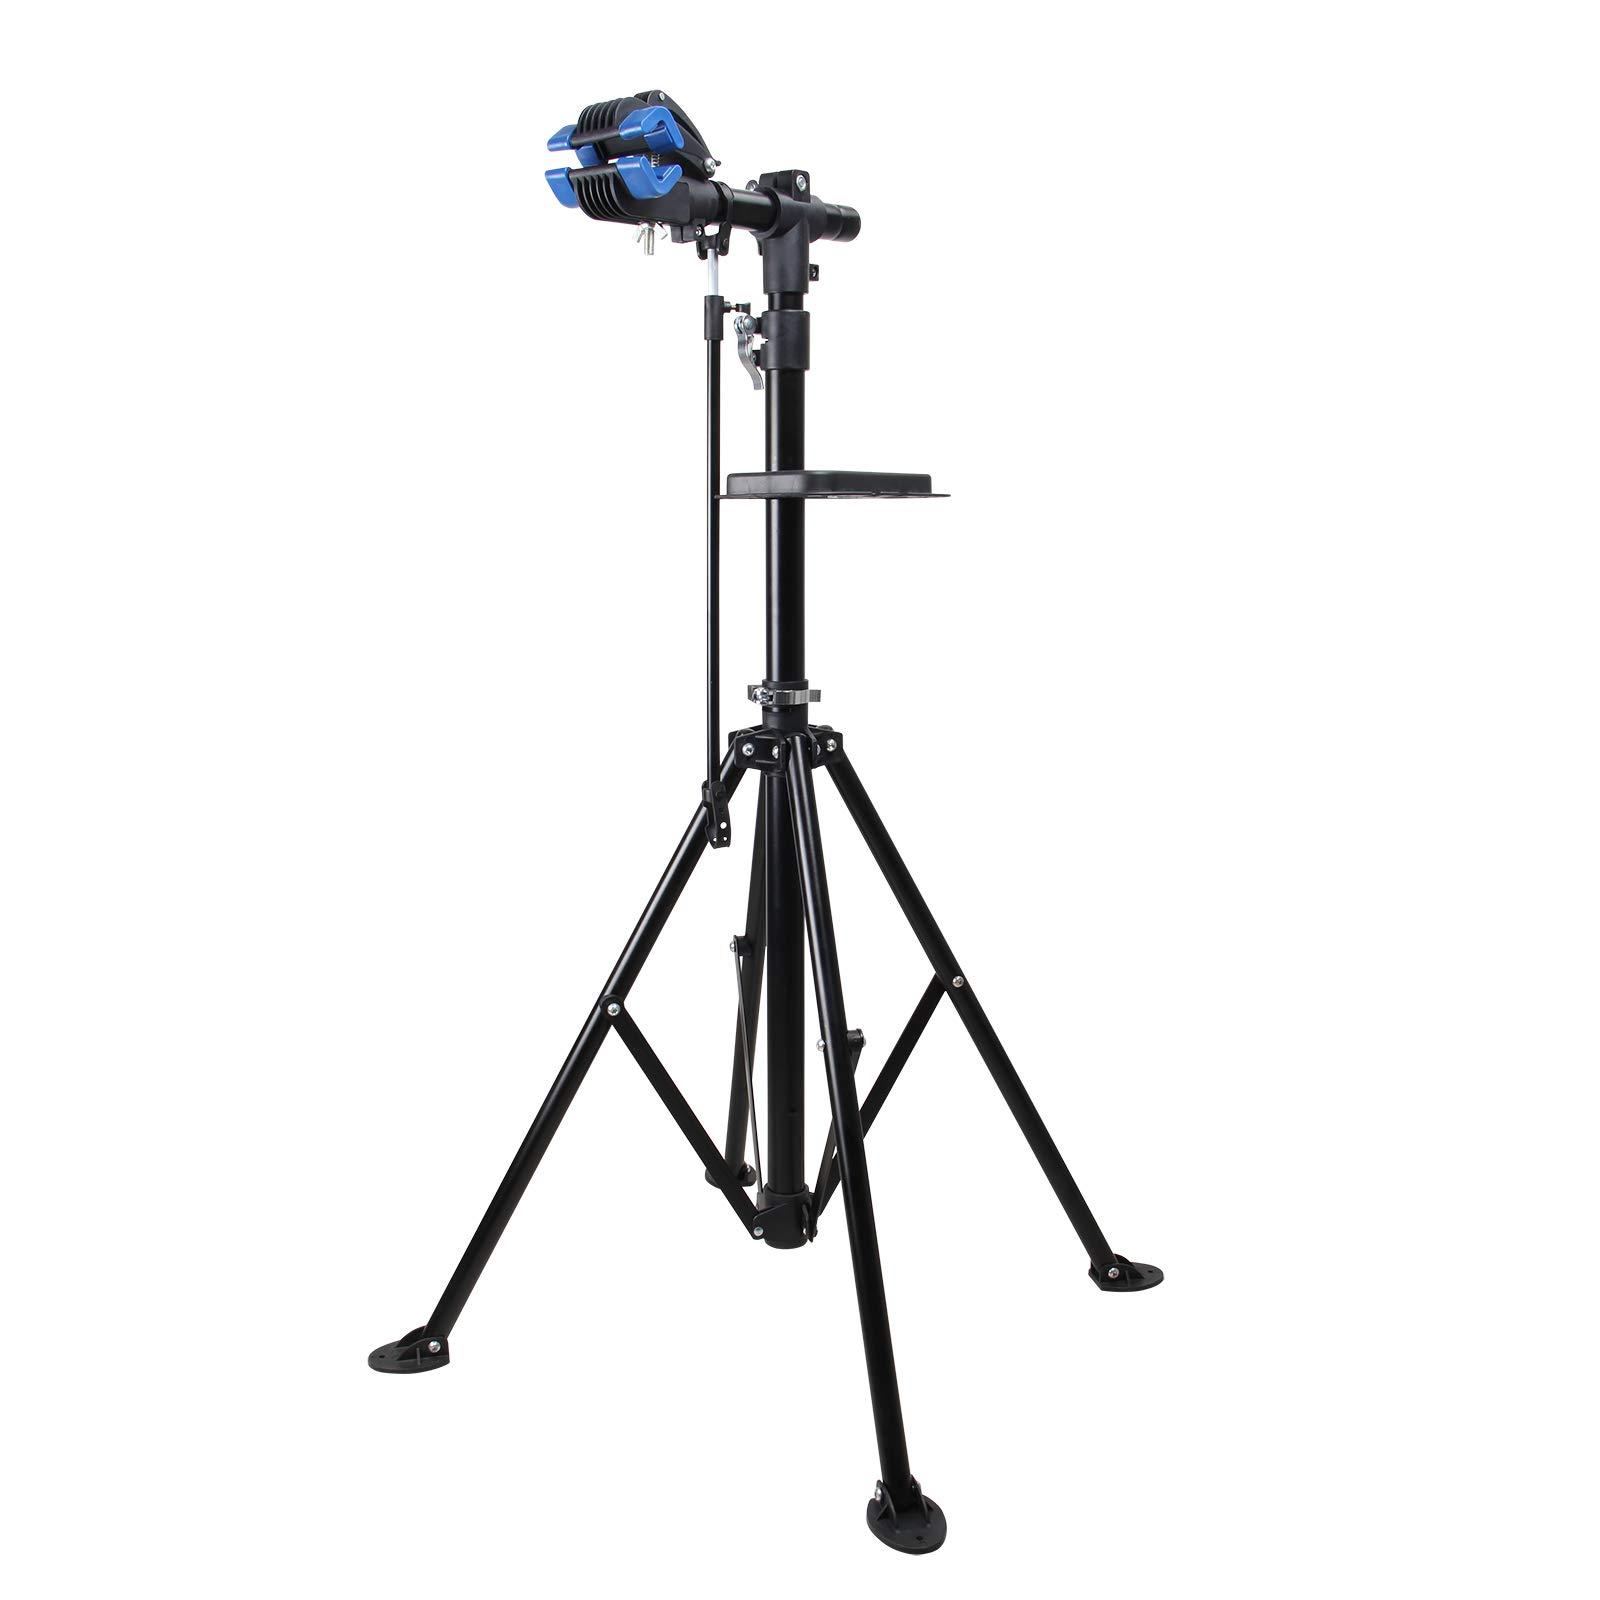 Yorbay, Soporte caballete plegable para bicicletas, altura ajustable desde 110 - 200 cm,